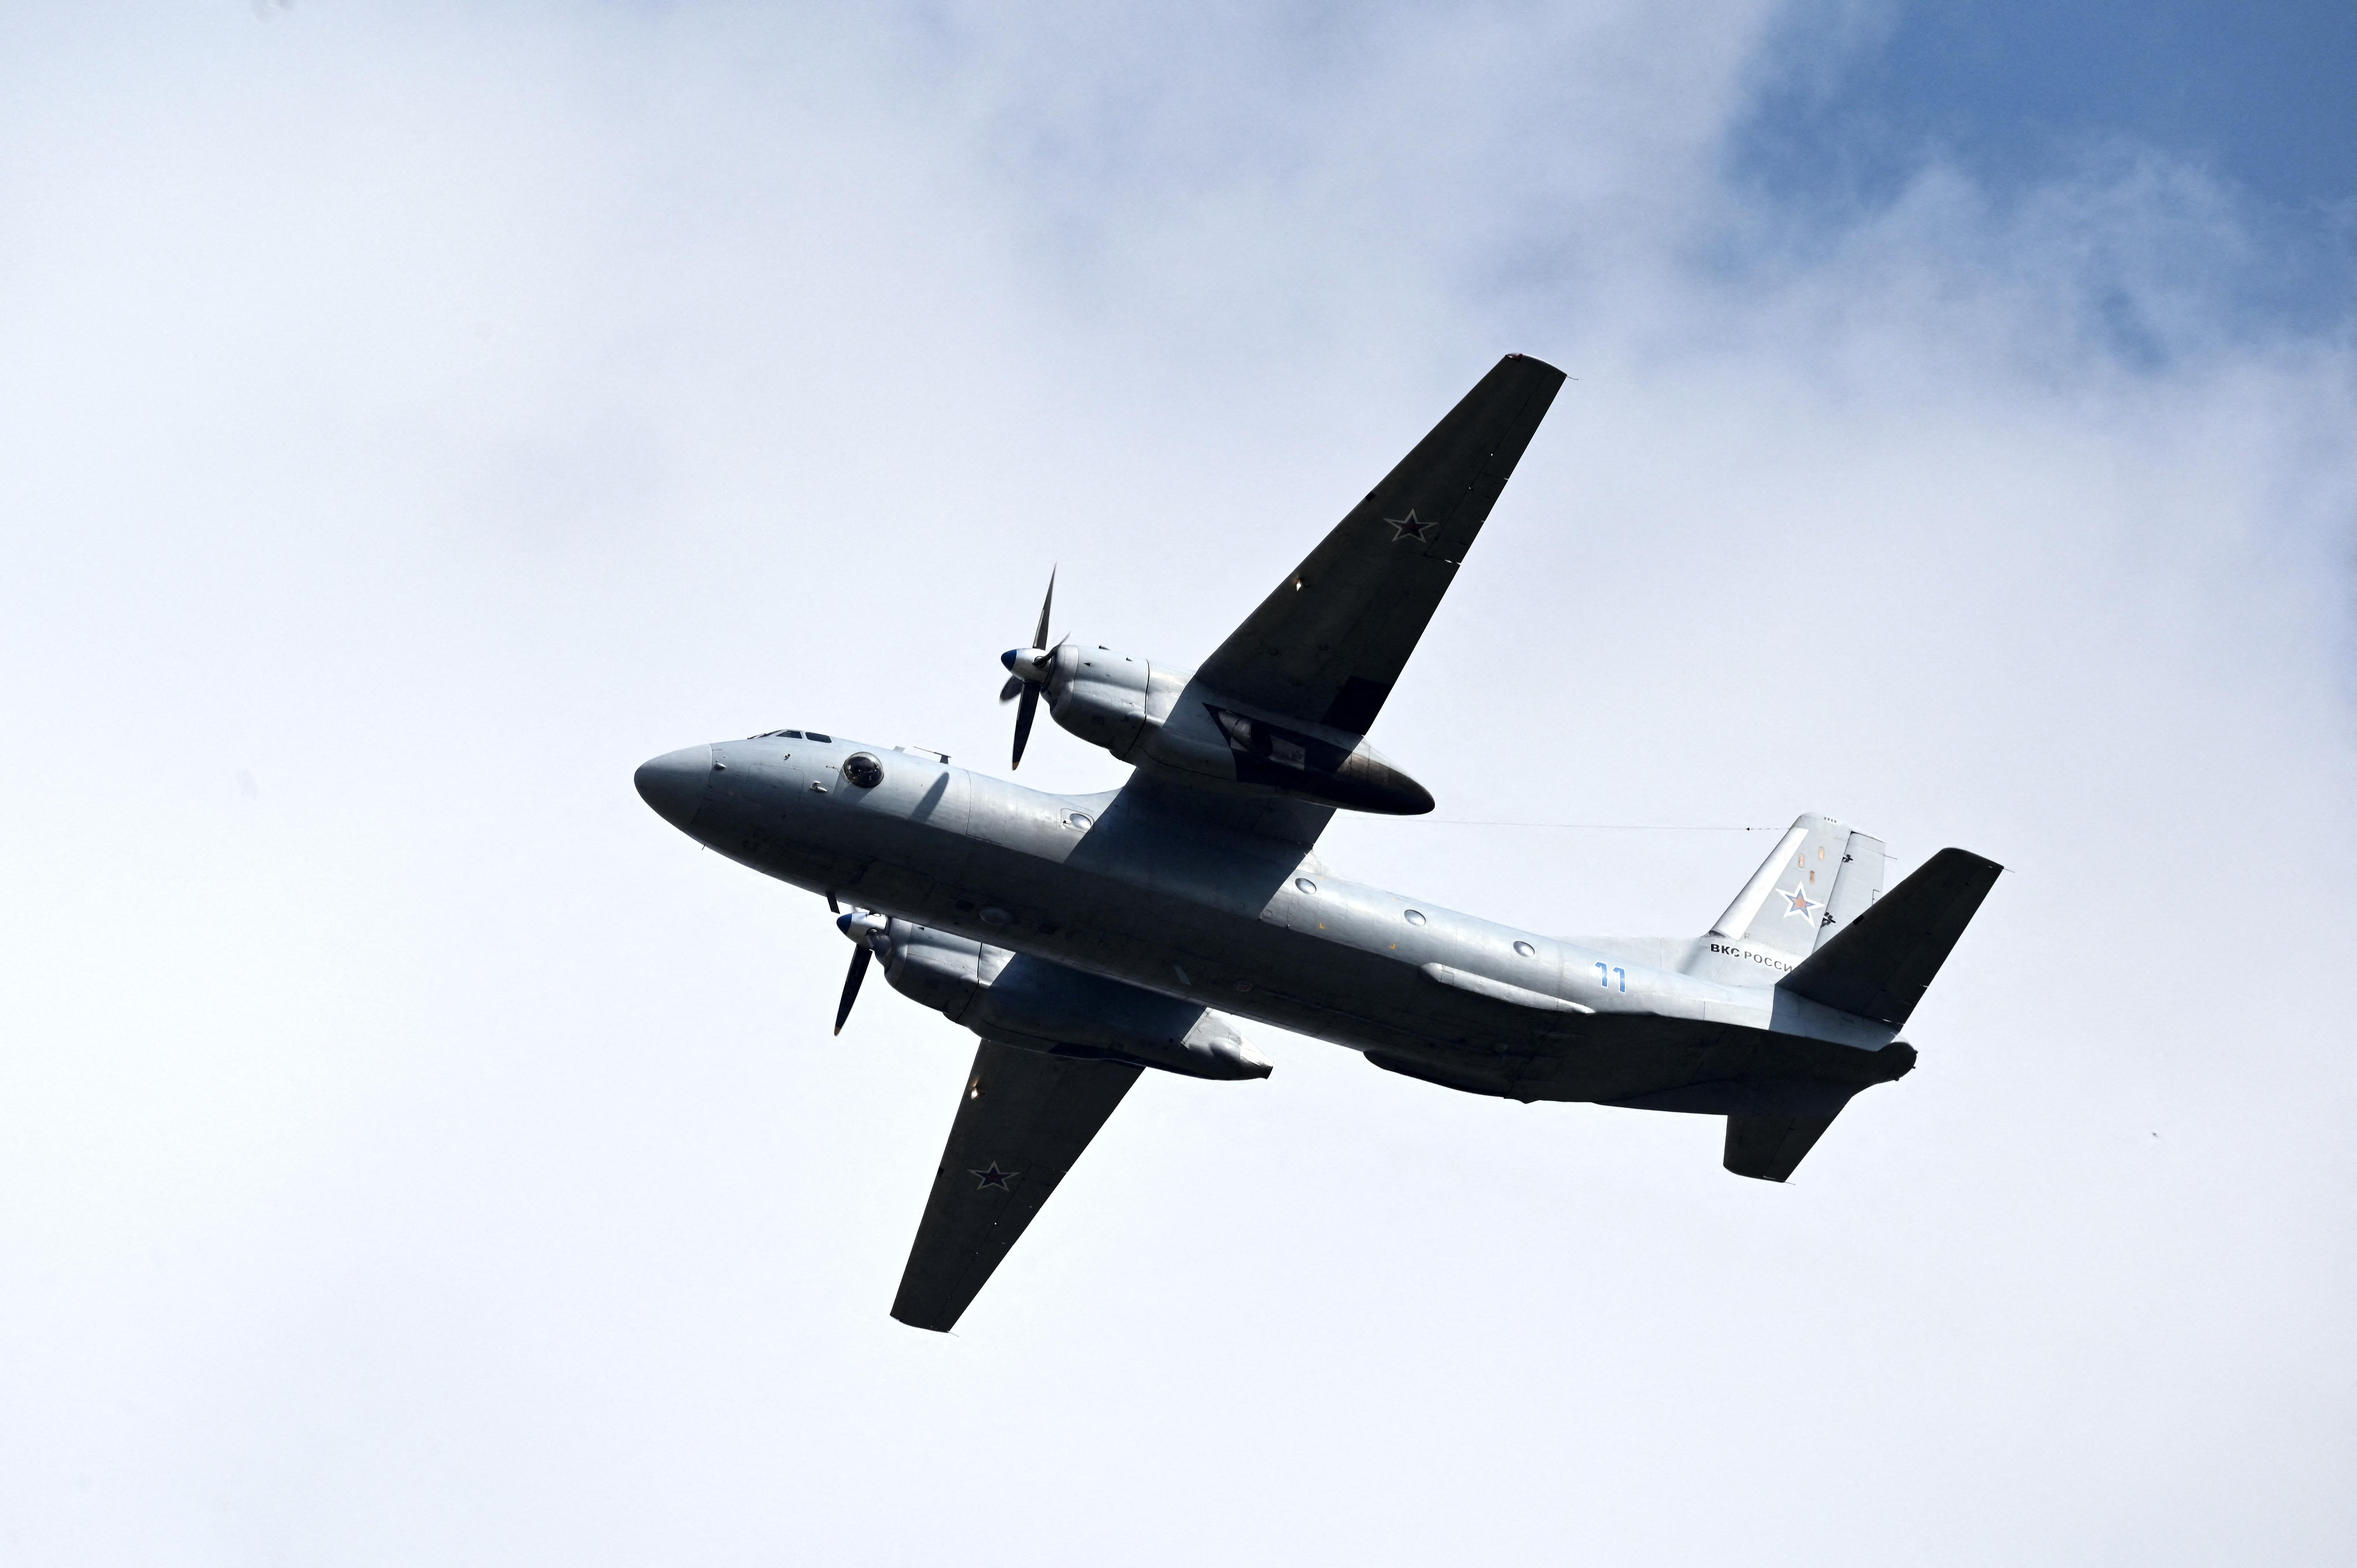 Megtalálták az eltűnt orosz utasszállító repülőgép roncsait